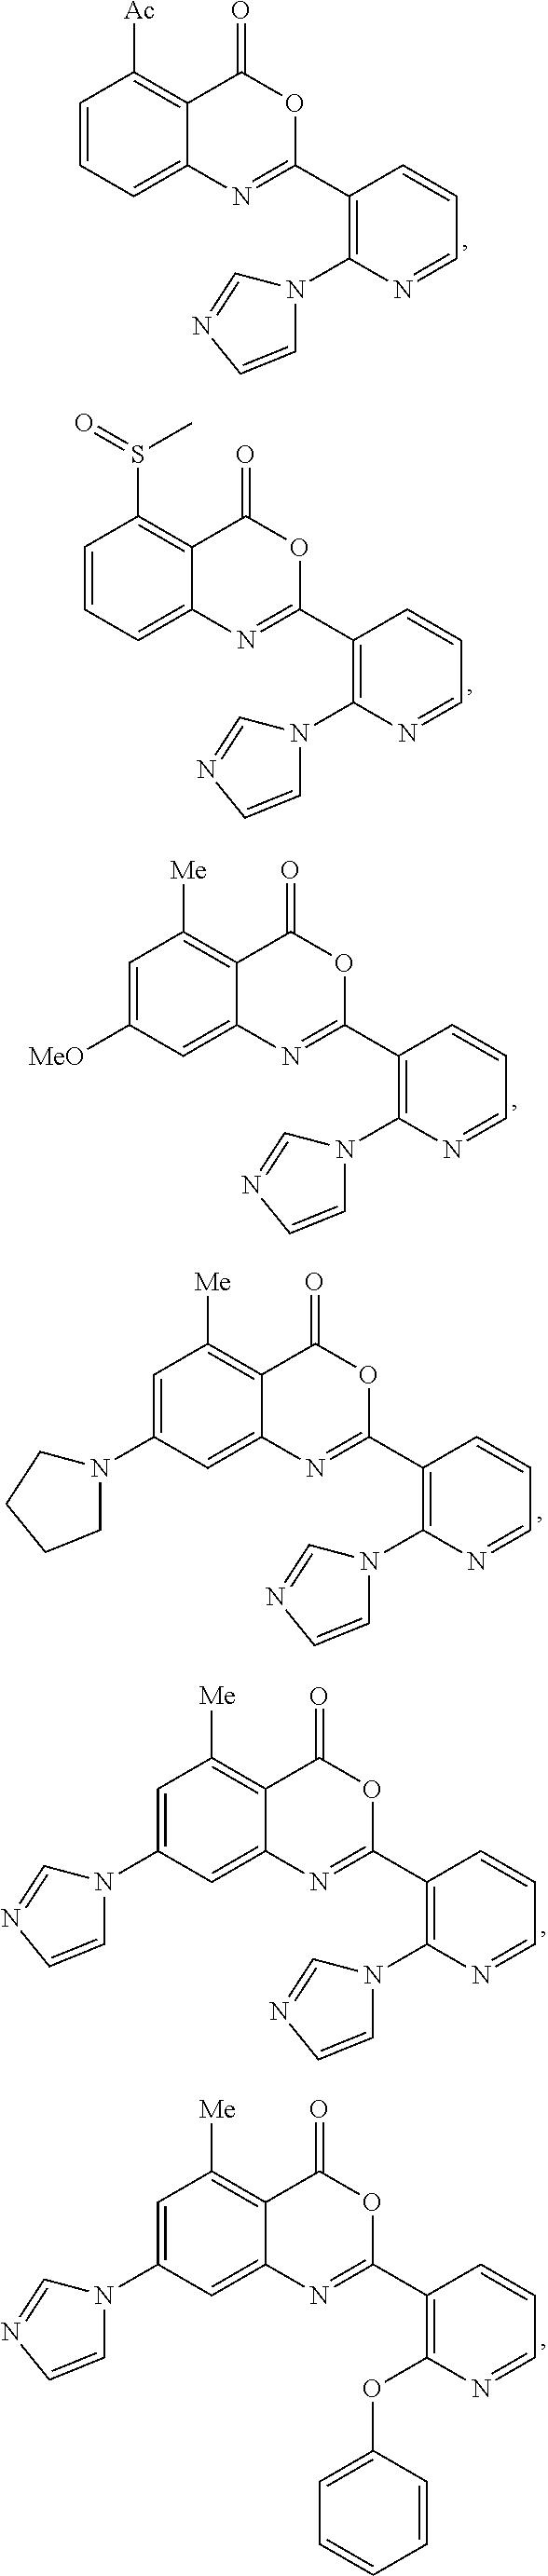 Figure US07879846-20110201-C00385